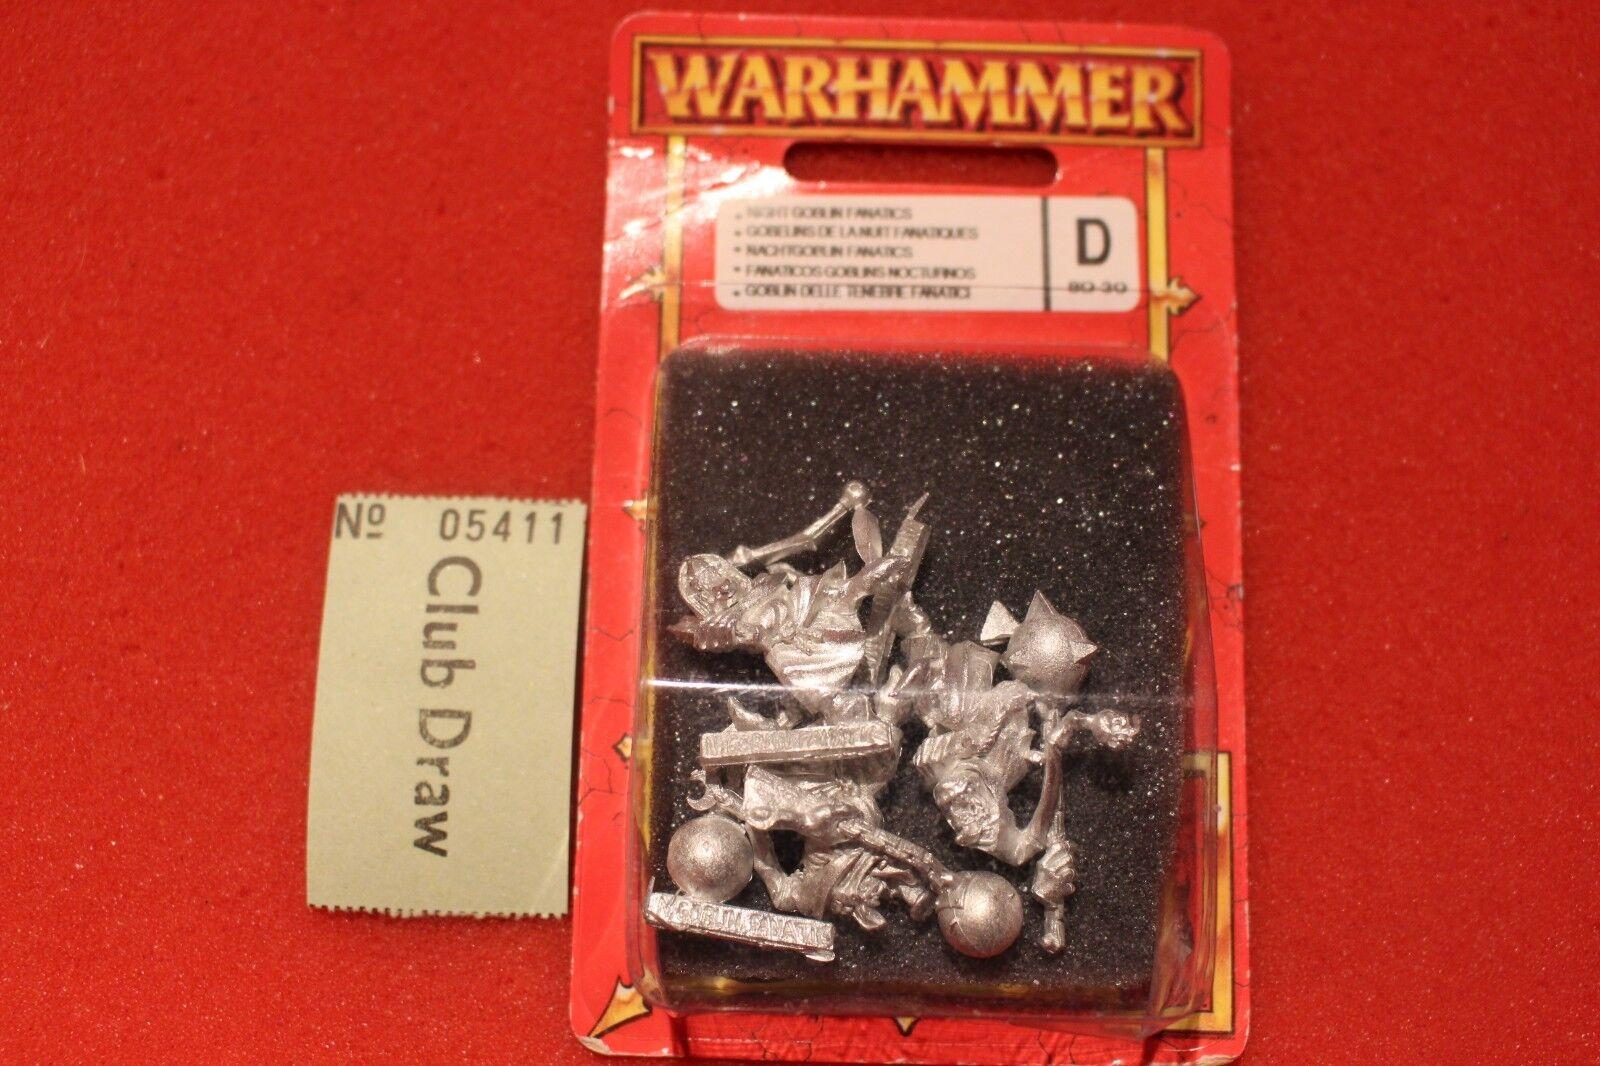 Games workshop warhammer orks und goblins grot fanatiker nachtgoblin - metall bnib